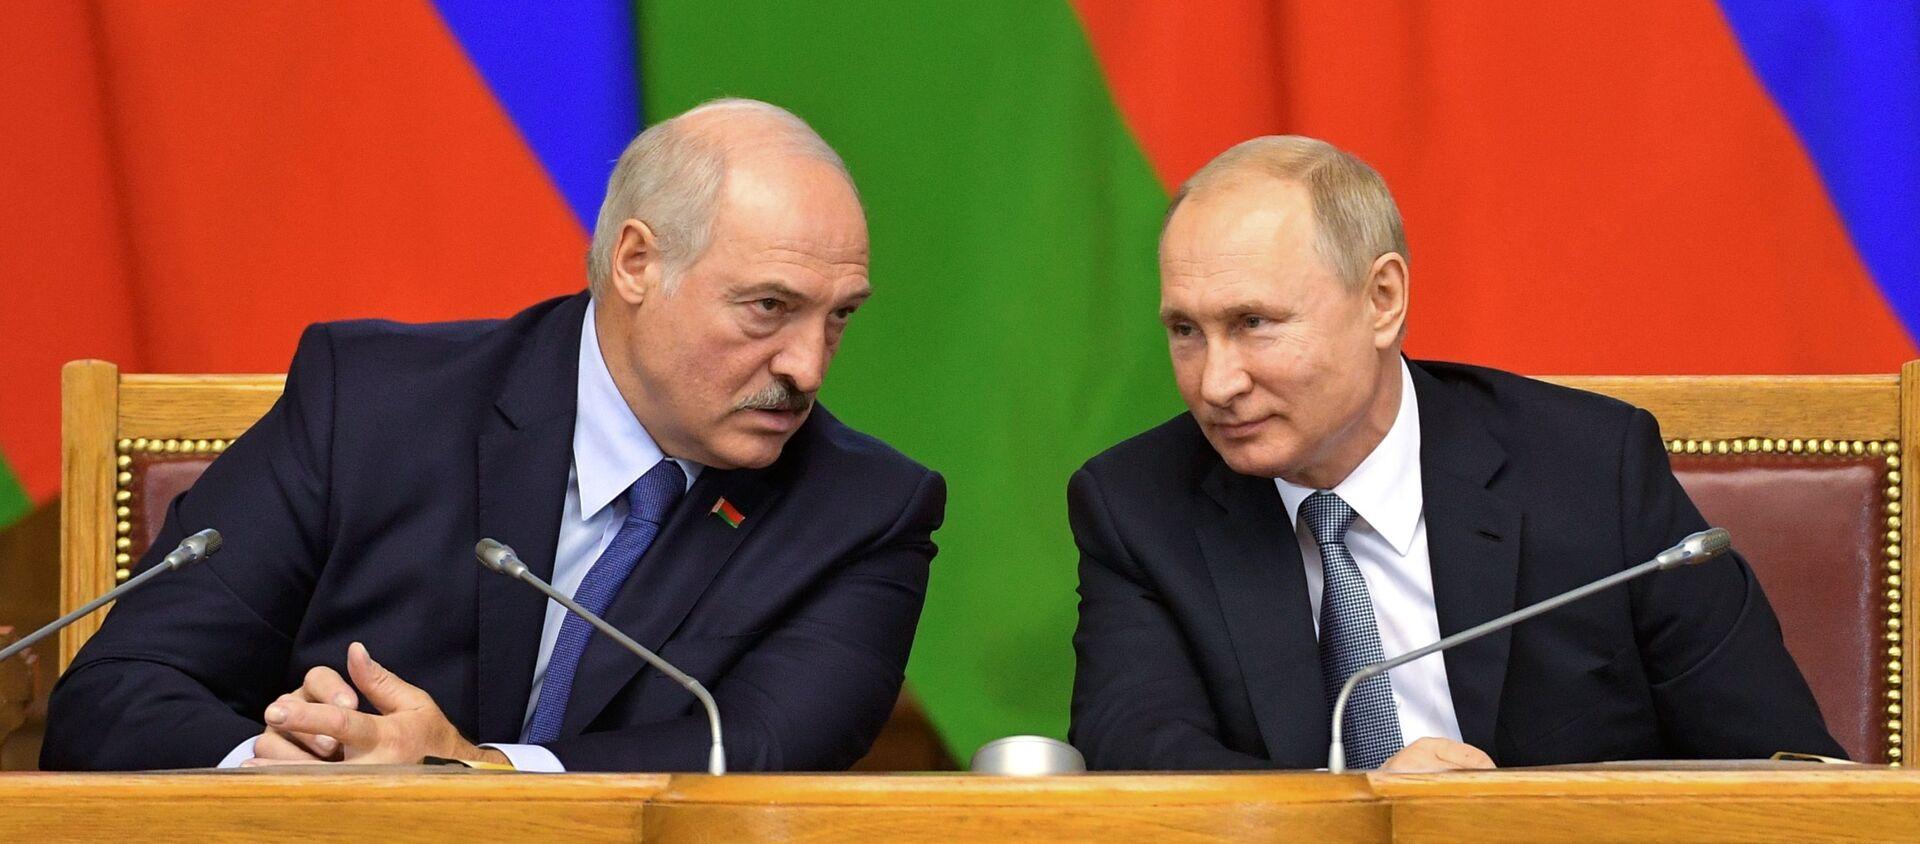 Prezydenci Rosji i Białorusi, Władimir Putin i Aleksander Łukaszenka - Sputnik Polska, 1920, 07.12.2019